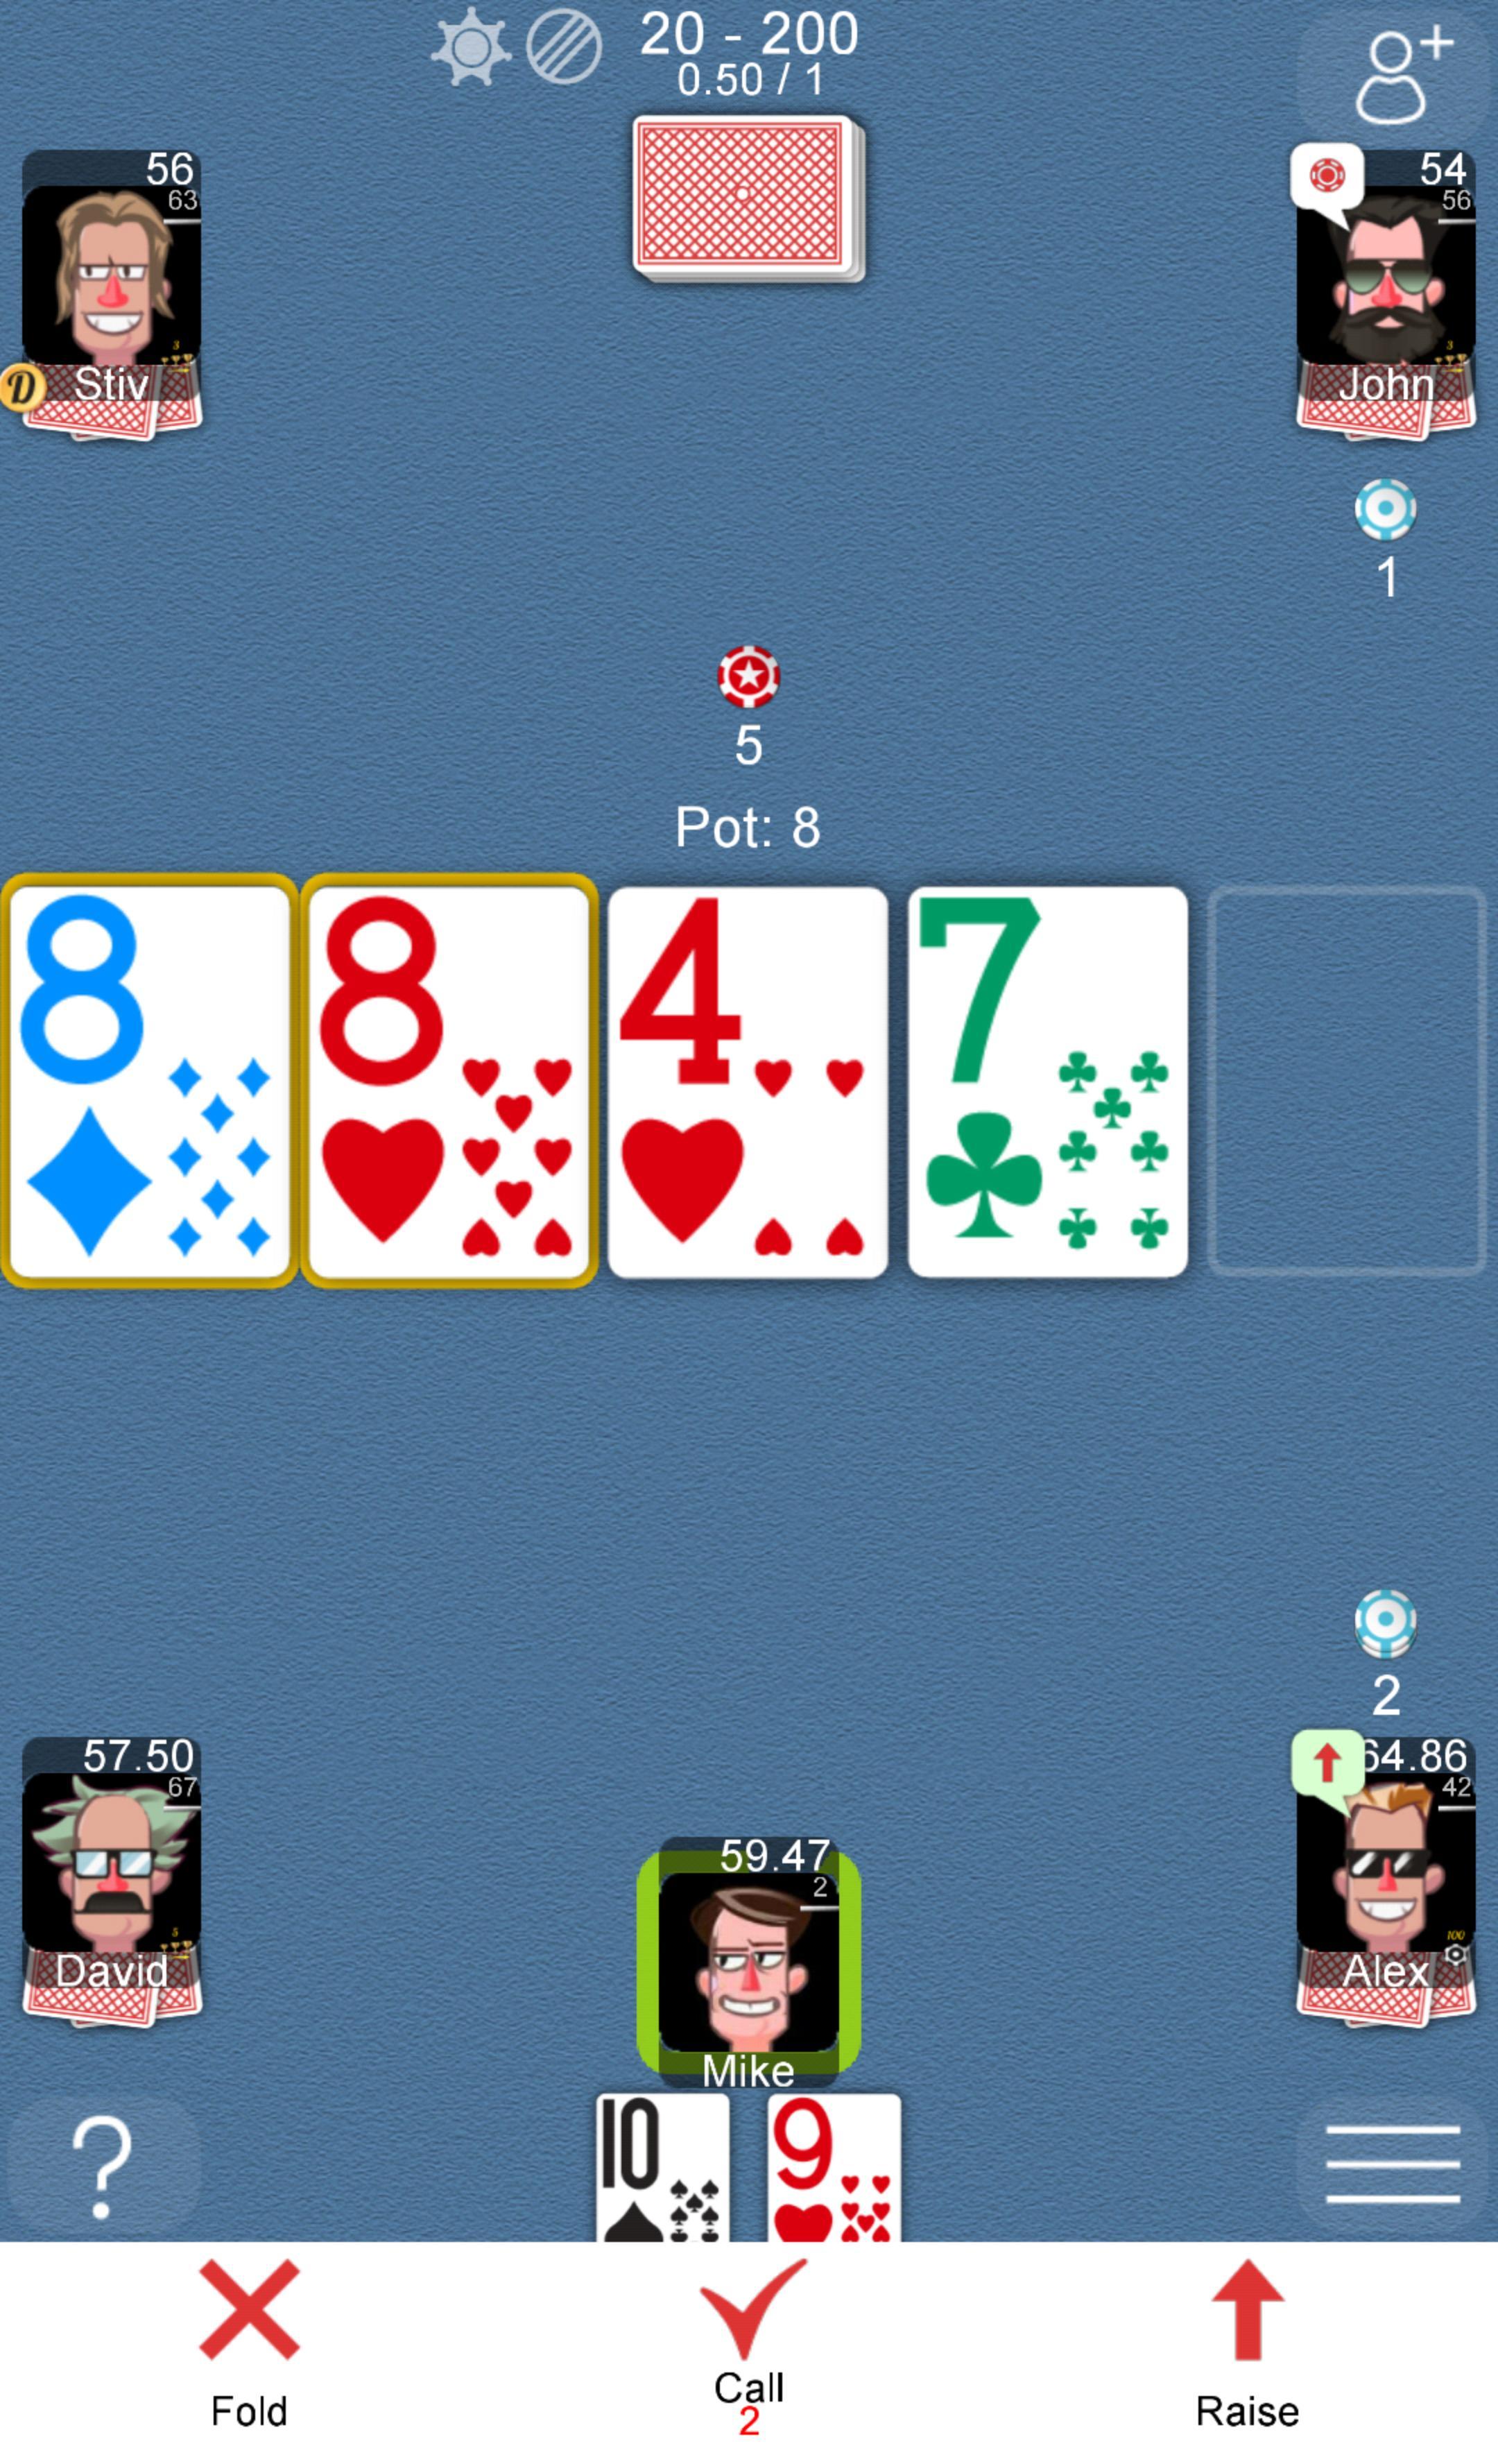 Скачать в онлайне бесплатно игру покер на отправления ценными вложениями 4 получение выигрыша казино лотереях тотализаторе иных